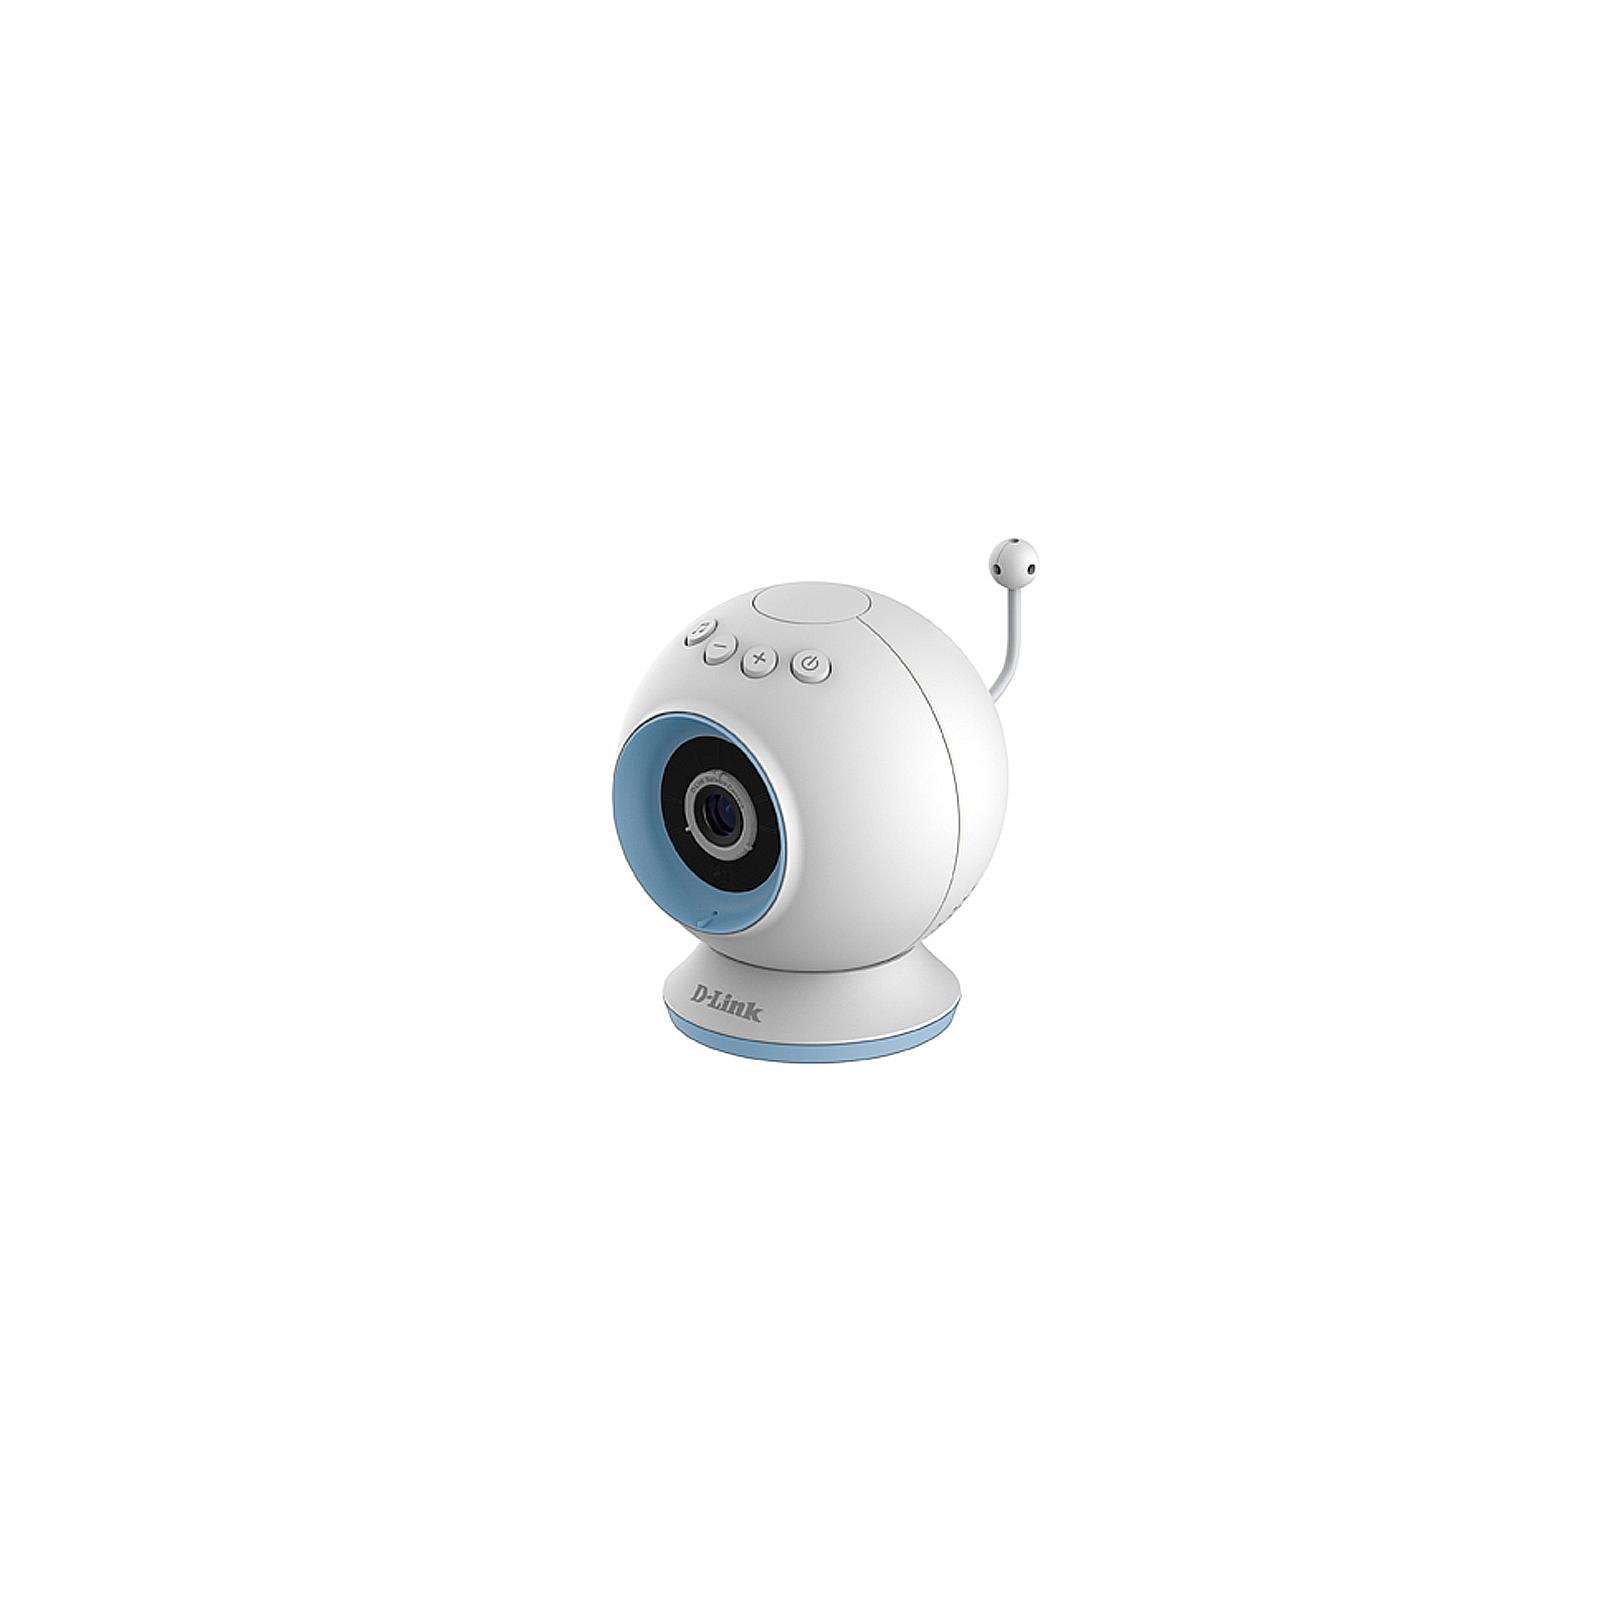 Сетевая камера D-Link DCS-825L